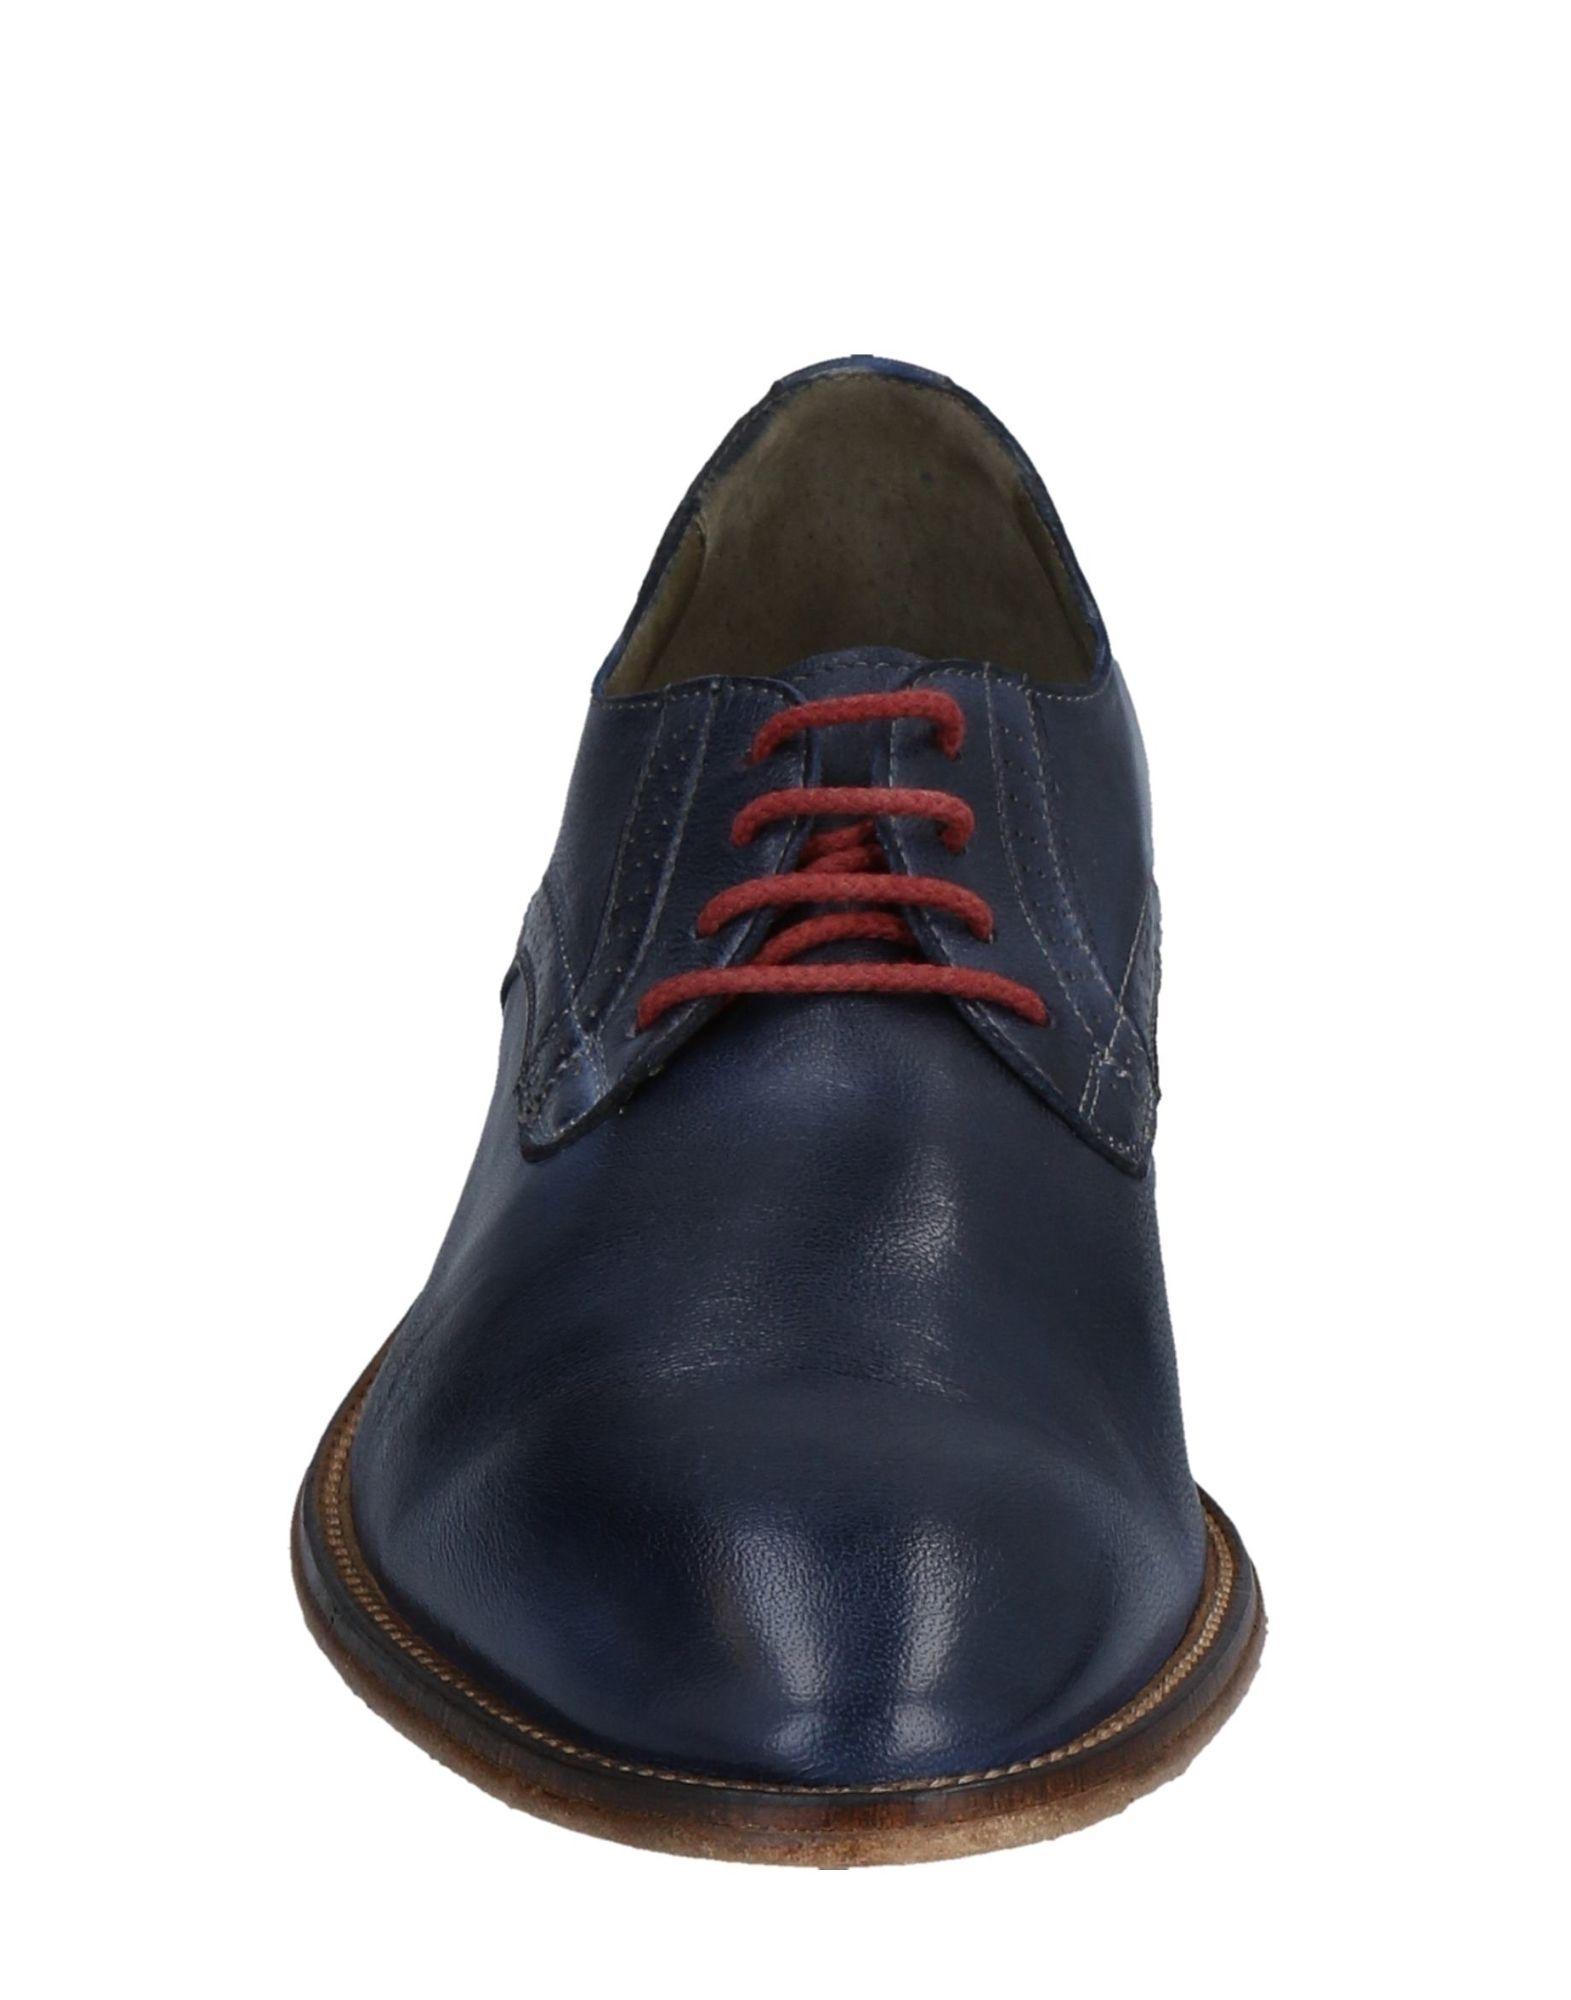 Rabatt echte Schnürschuhe Schuhe Jp/David Schnürschuhe echte Herren 11520126FL 40fa2e